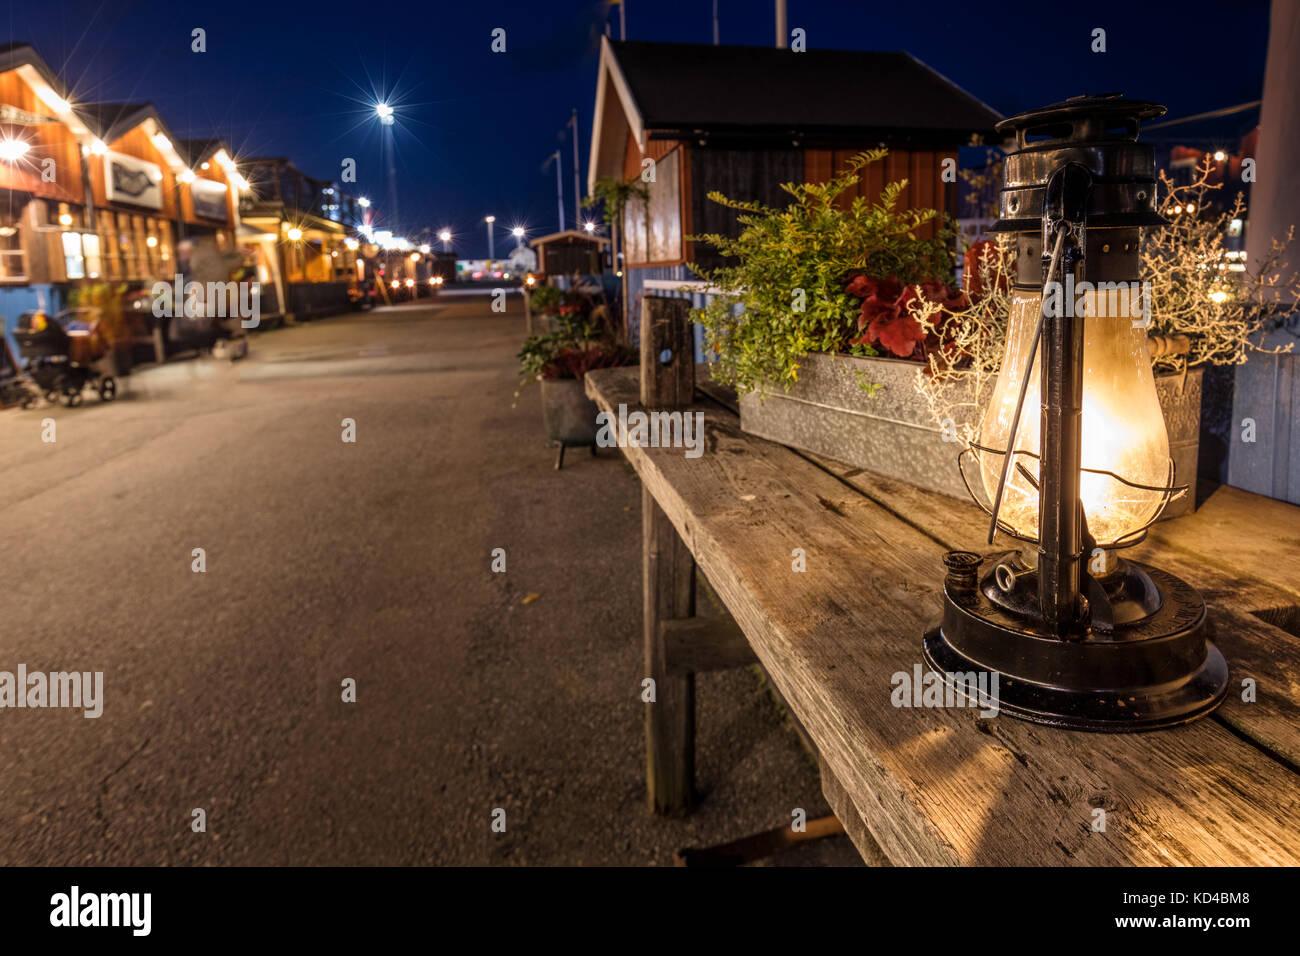 Kerosene old lamp glows at night, Sweden - Stock Image